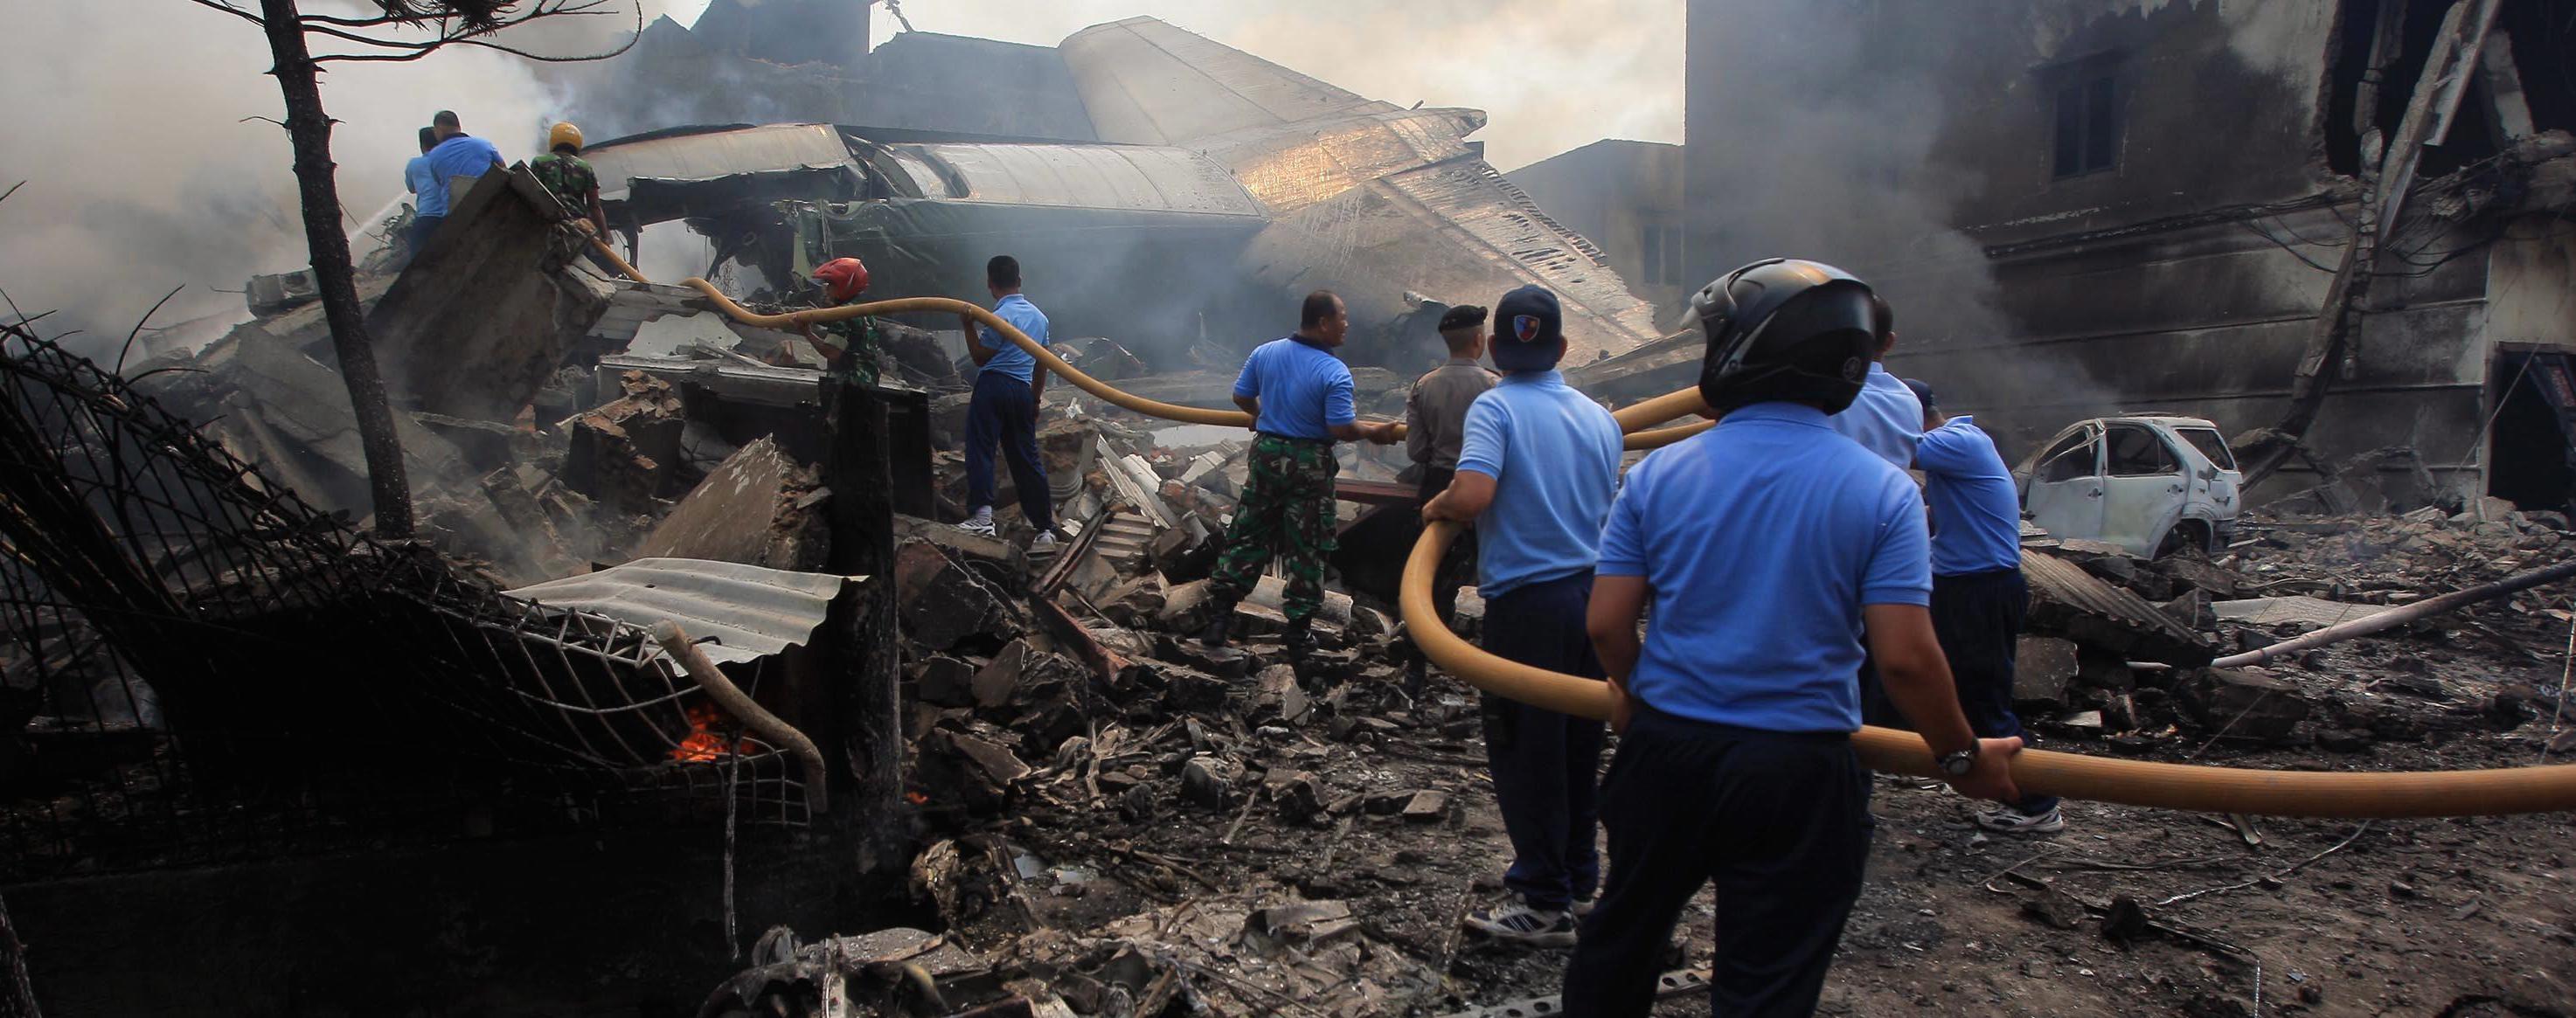 Si lavora sul luogo dell'incidente aereo di Medan